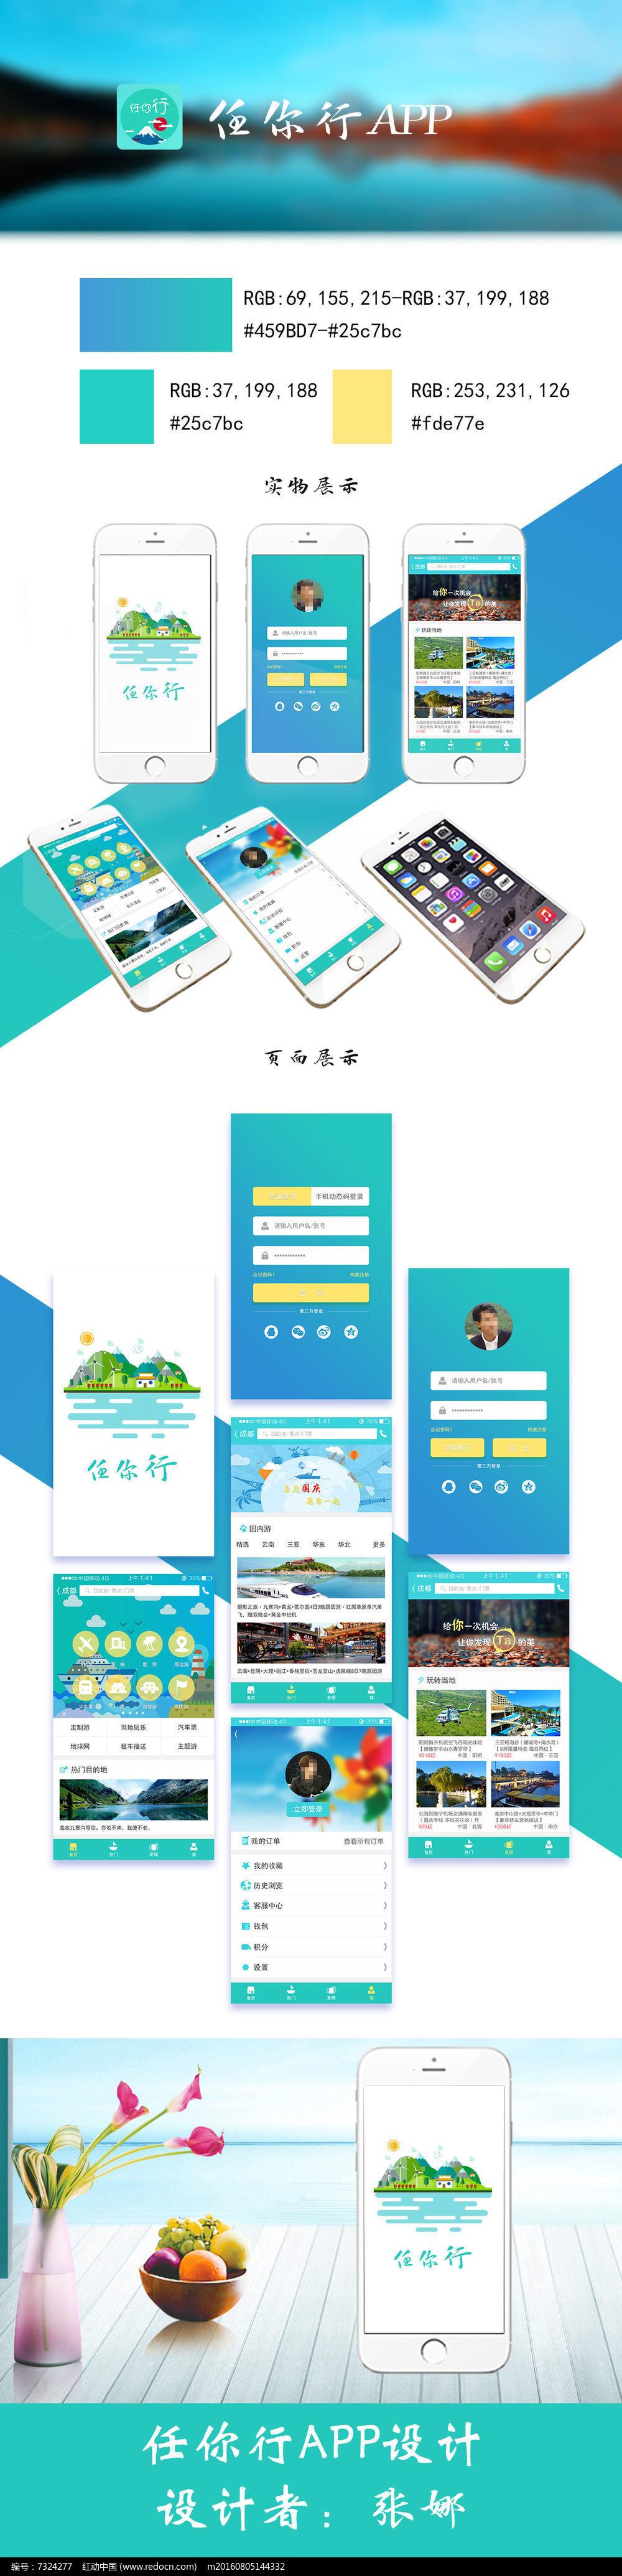 任你行手机旅游APP界面展示图片